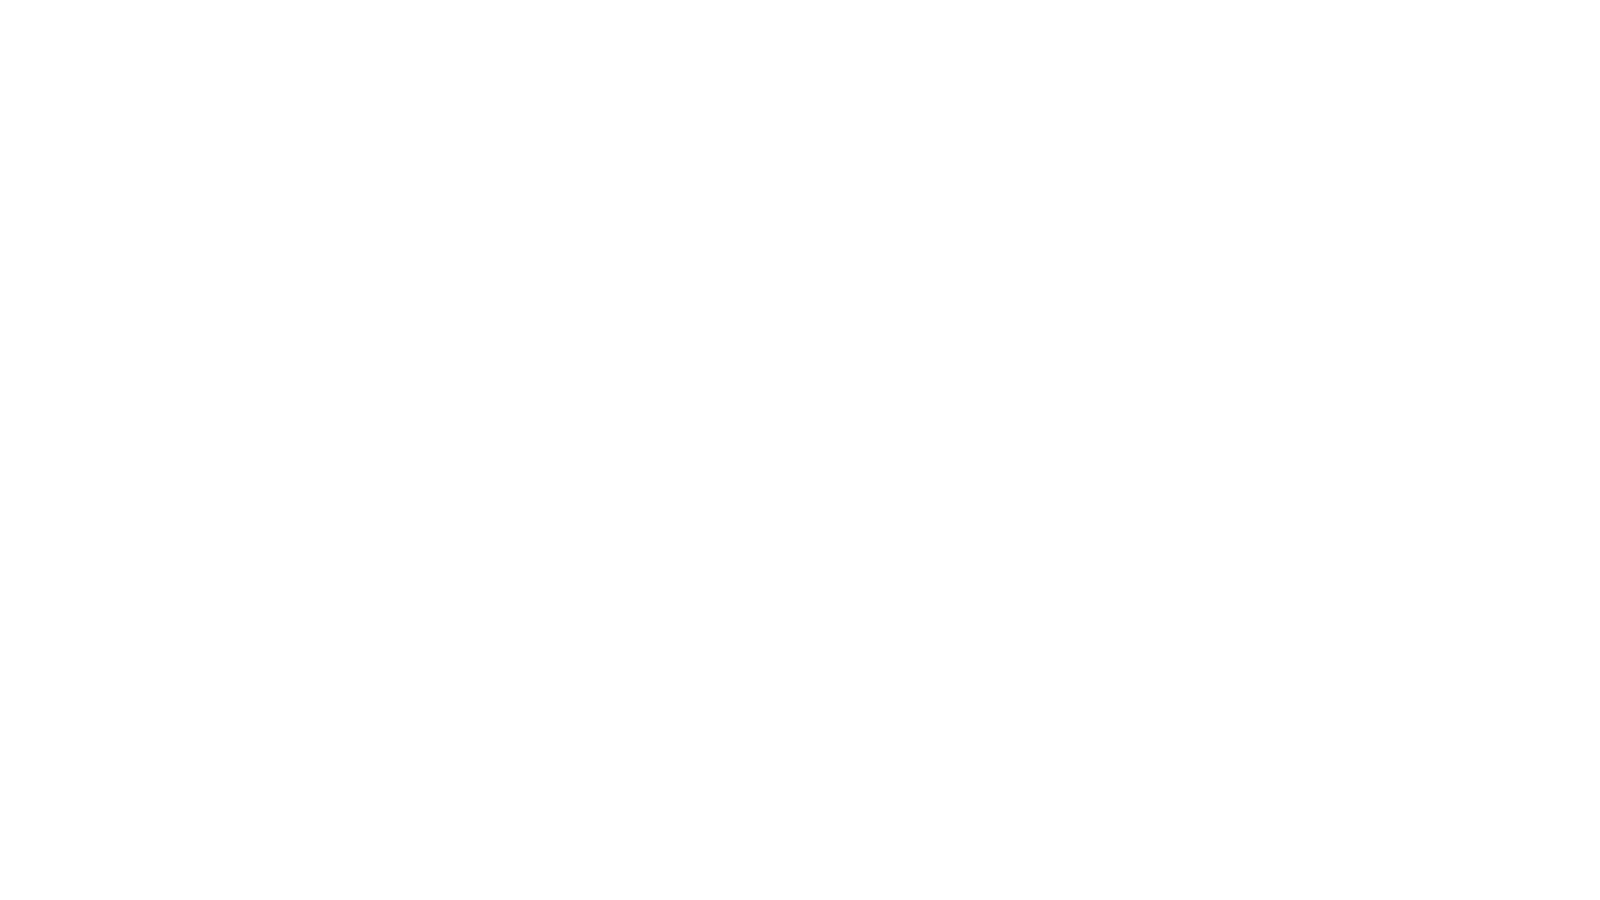 Hey buat kalian yg lagi cari usecar nya yuk buruan nih sikat nissan march 2011 Pajak panjang bulan 10 2022 Kilometer cuma 89rb servis record Kaki2 baru ganti satu set di bengkel resmi  Mobil siap gas luar kota   More info Wa / call :   https://bit.ly/2WlgTMU Instagram : @galerihondajaksel Facebook  : galerihondajaksel   #nissanmarch #march2011 #nissan